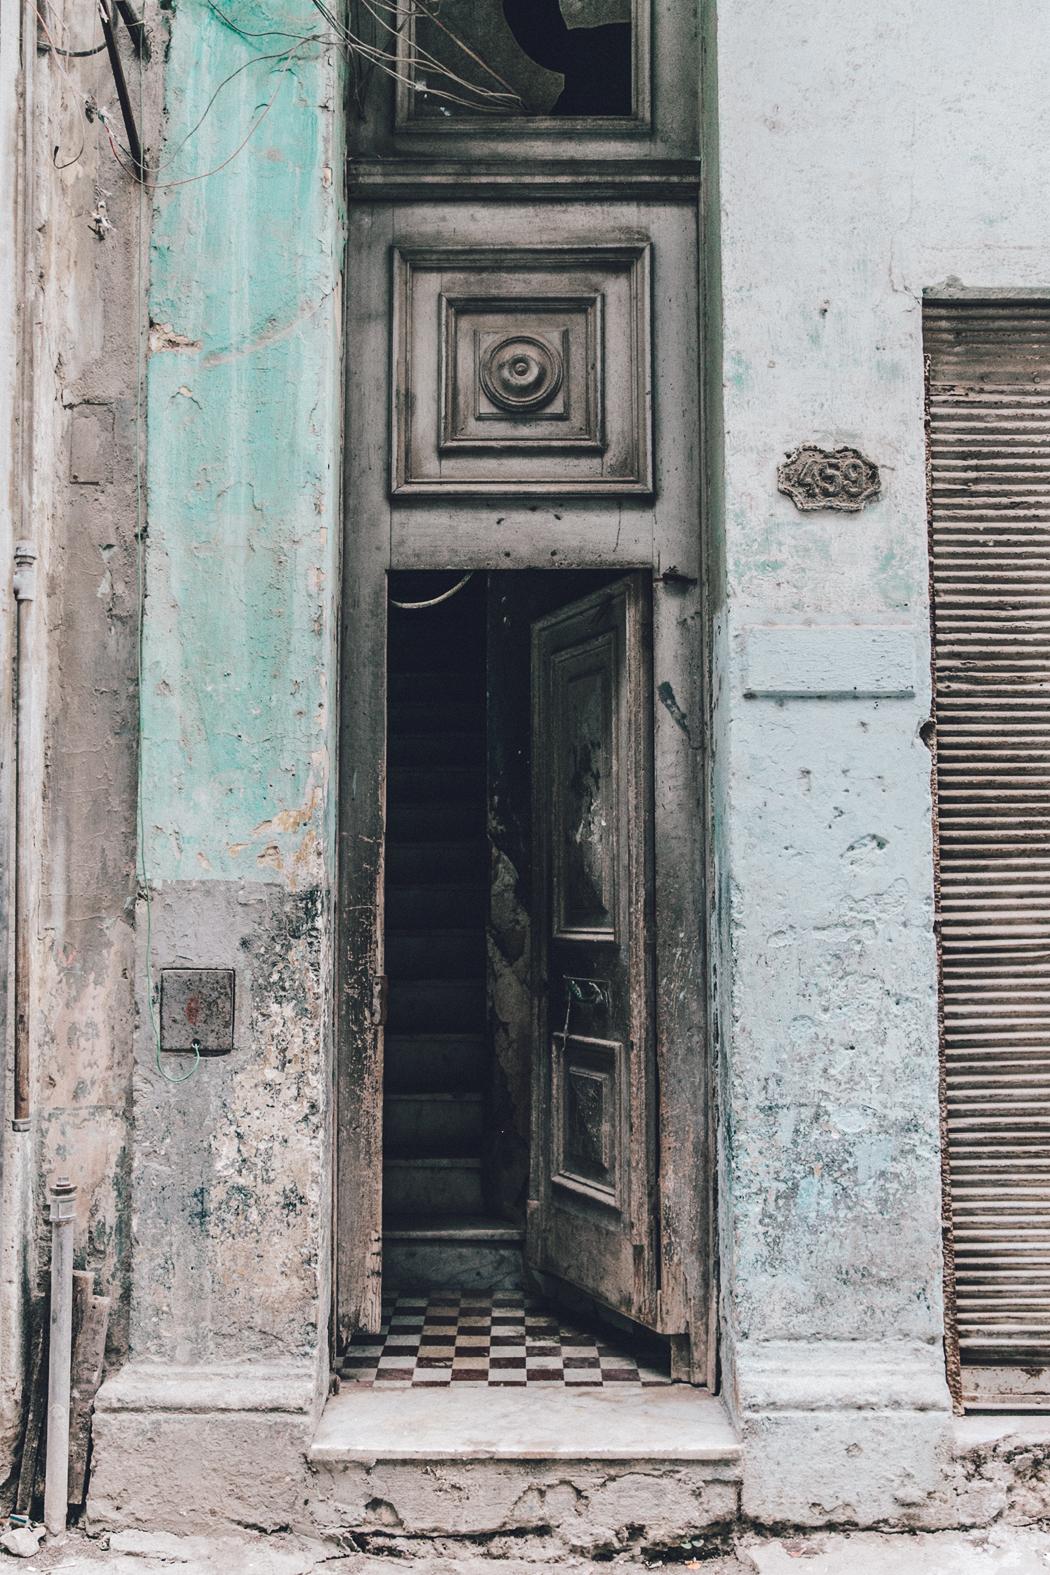 Cuba-La_Habana_Vieja-Hearts_Dress-Styled_By_Me-Aloha_Espadrilles-Outfit-Street_Style-Dress-Backpack-41